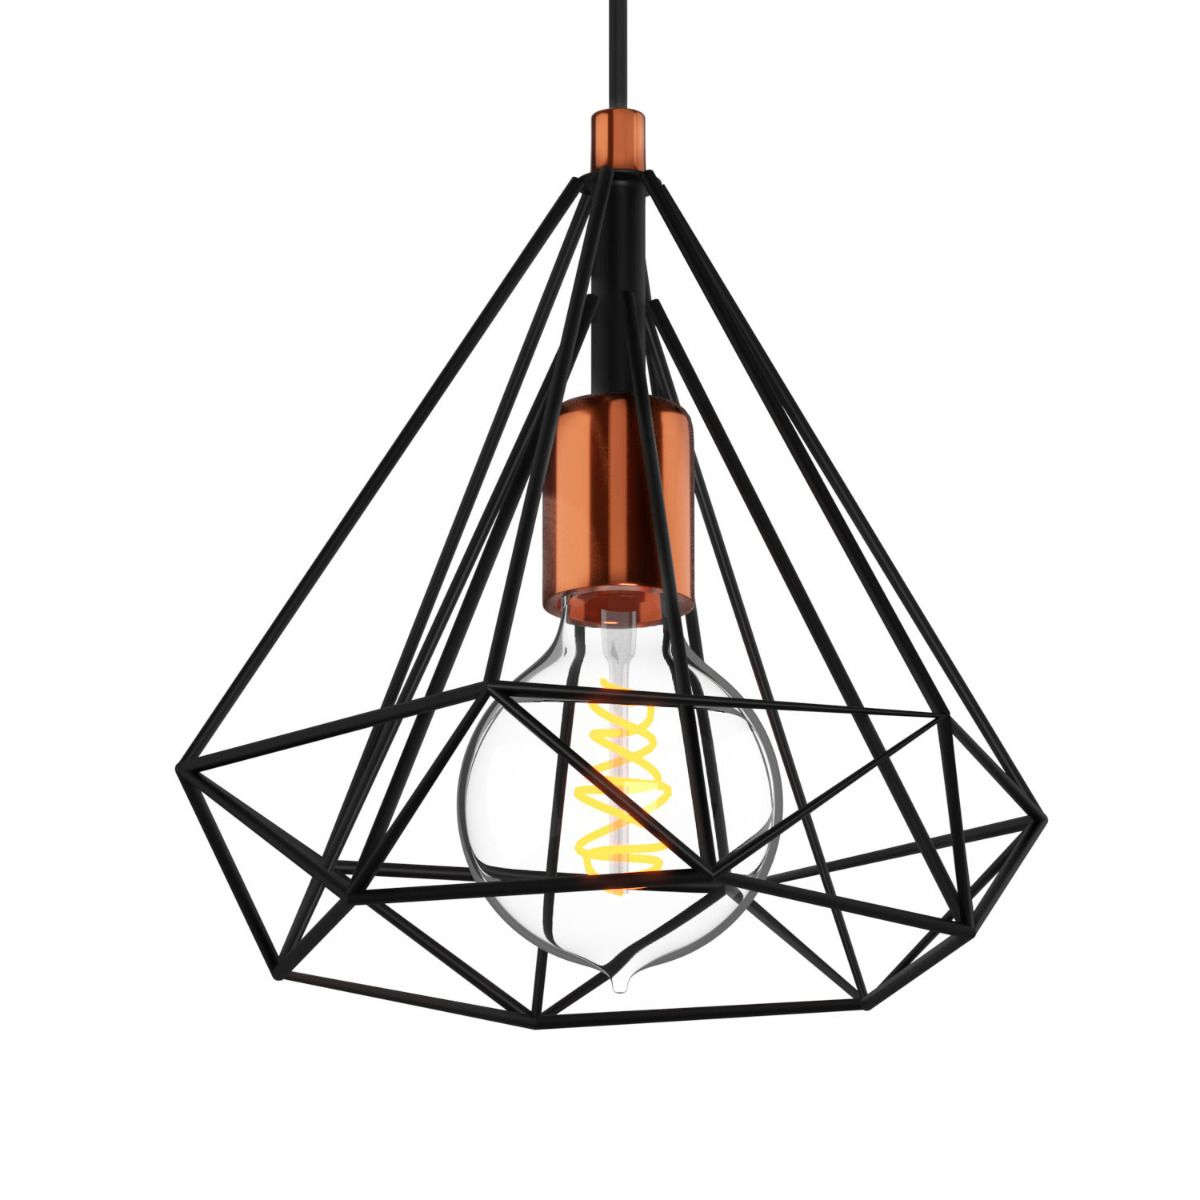 Κρεμαστό φωτιστικό μονόφωτο 22x25cm μεταλλικό σε μαύρο χρώμα MEC-176525